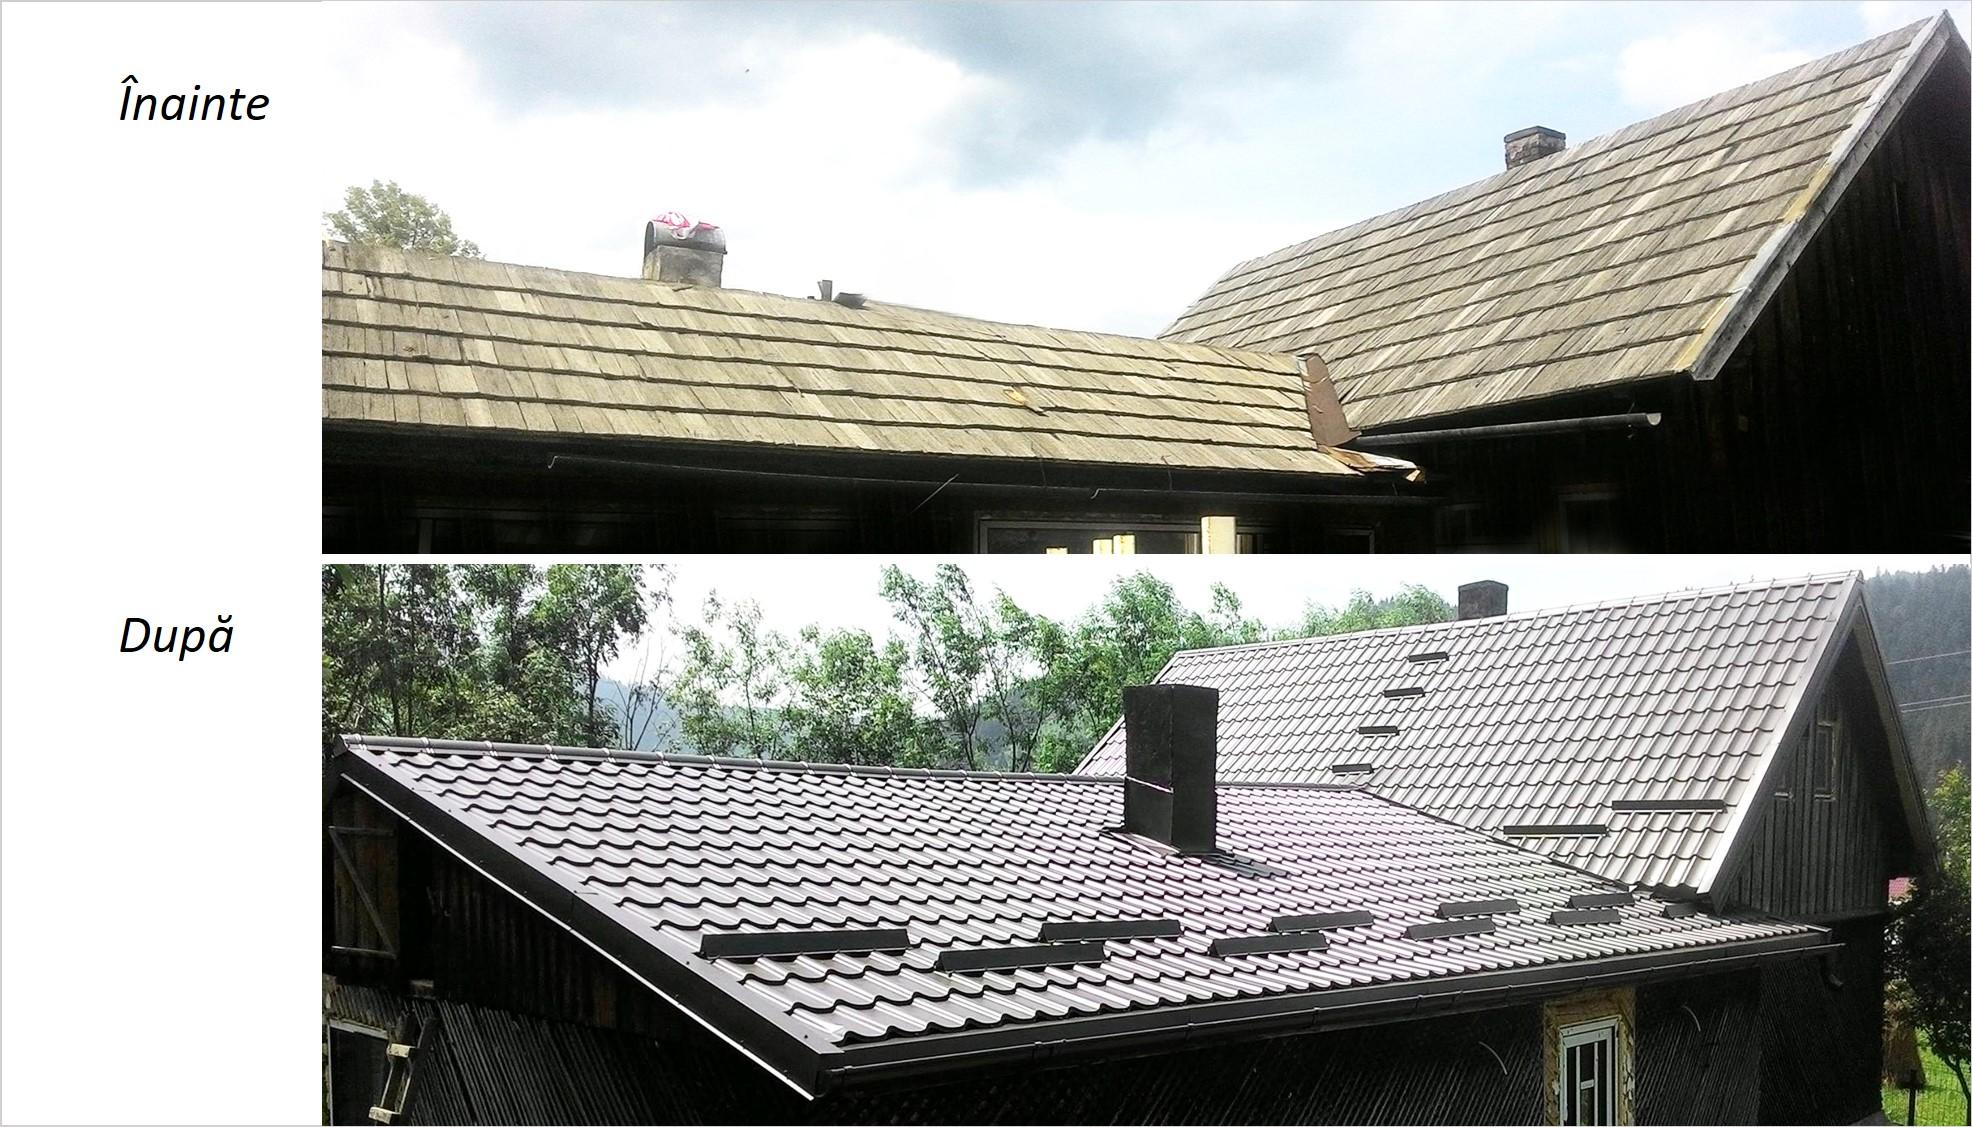 renovare acoperis, schimbare acoperis, inlocuire sita, tigla metalica